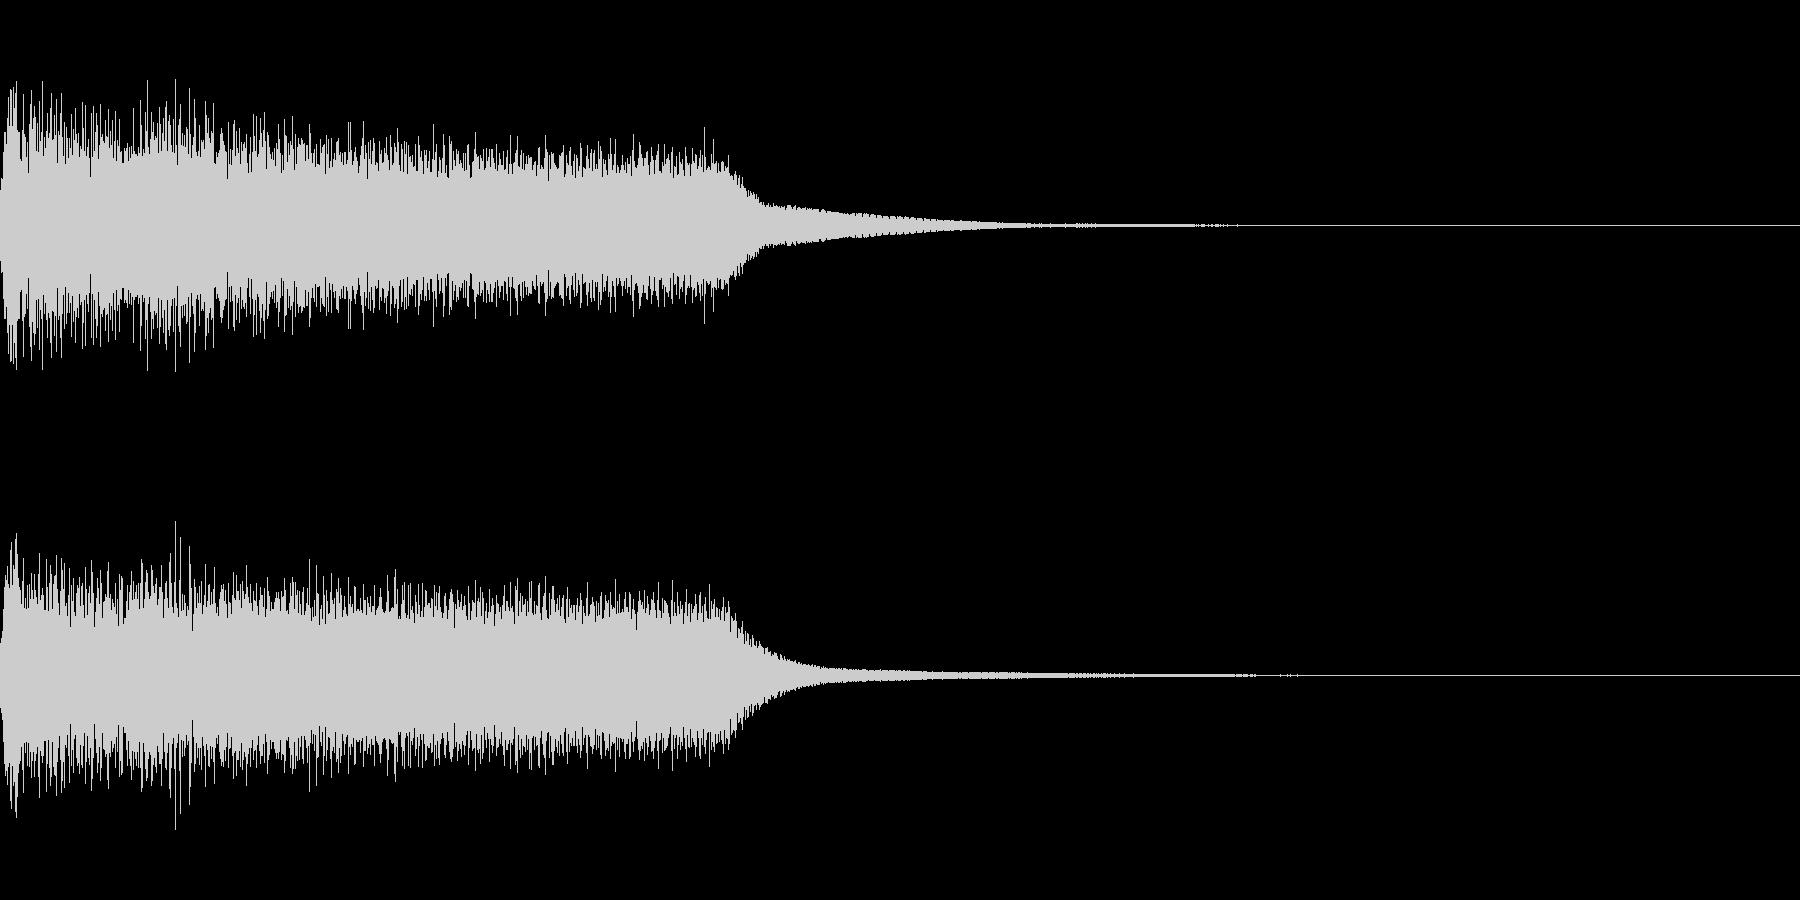 効果音 テロップ 最悪 不正解 ガーンの未再生の波形